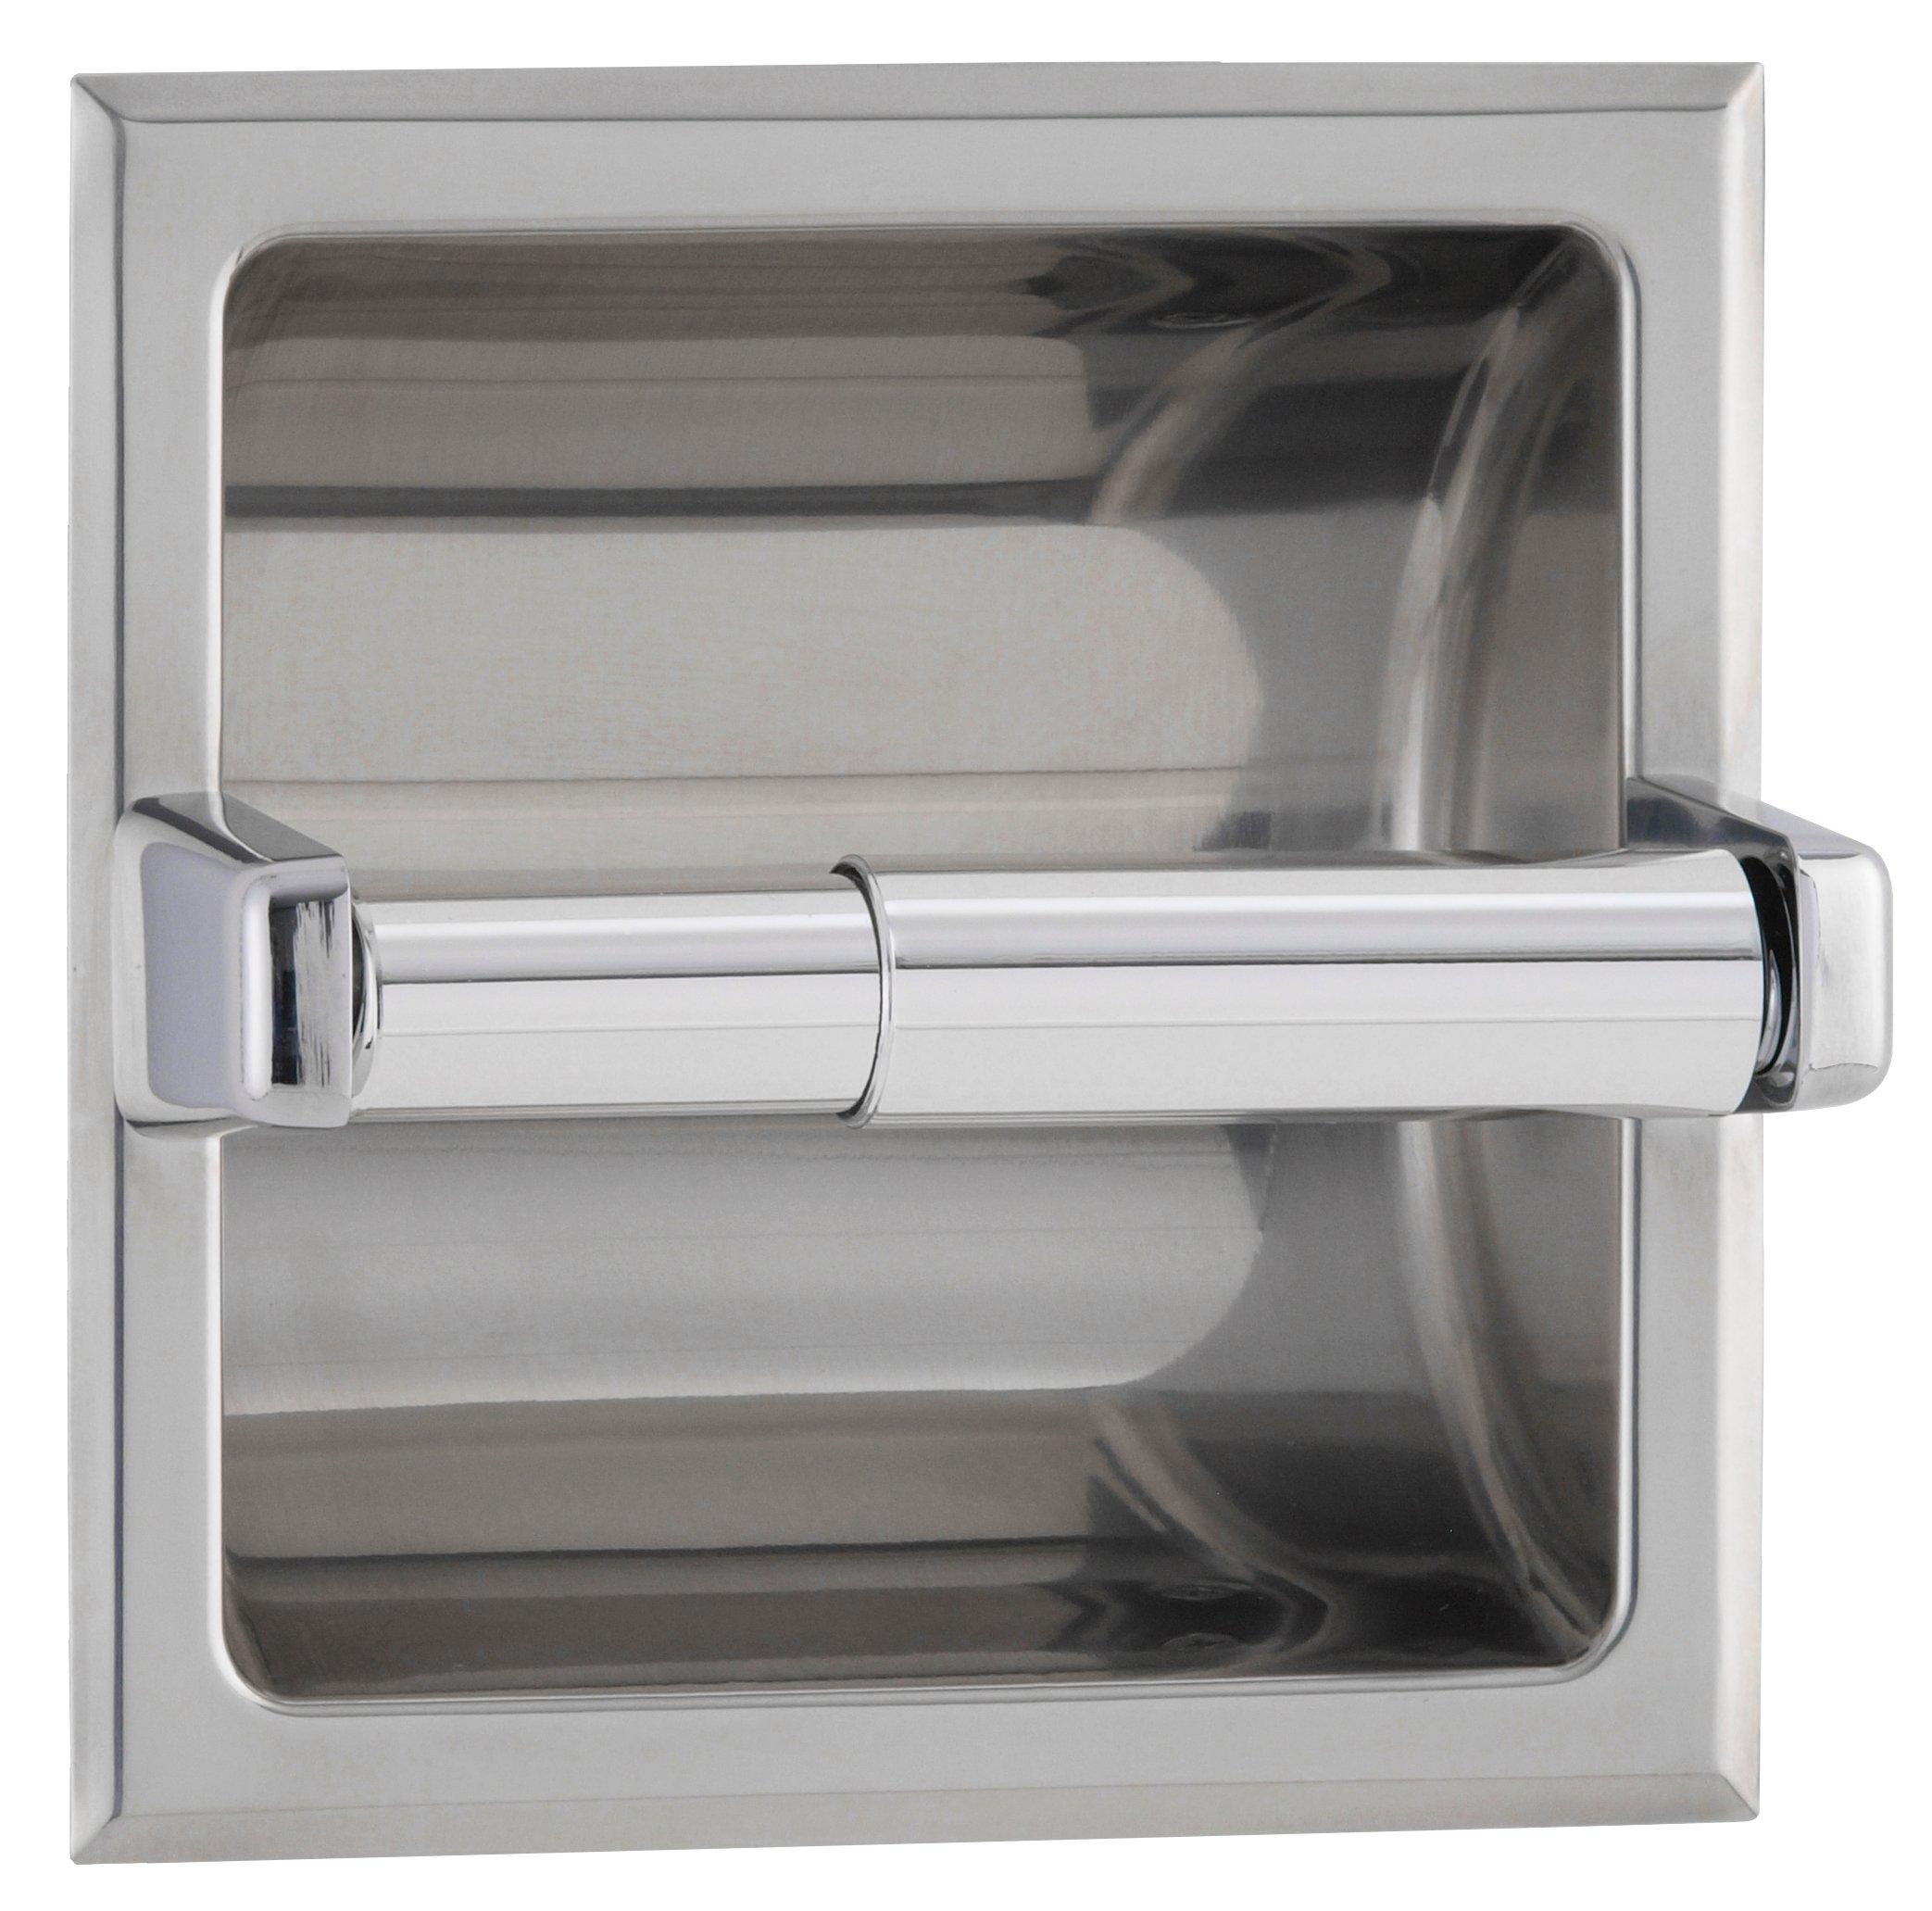 Bobrick Recessed Toilet Roll Dispenser Polished